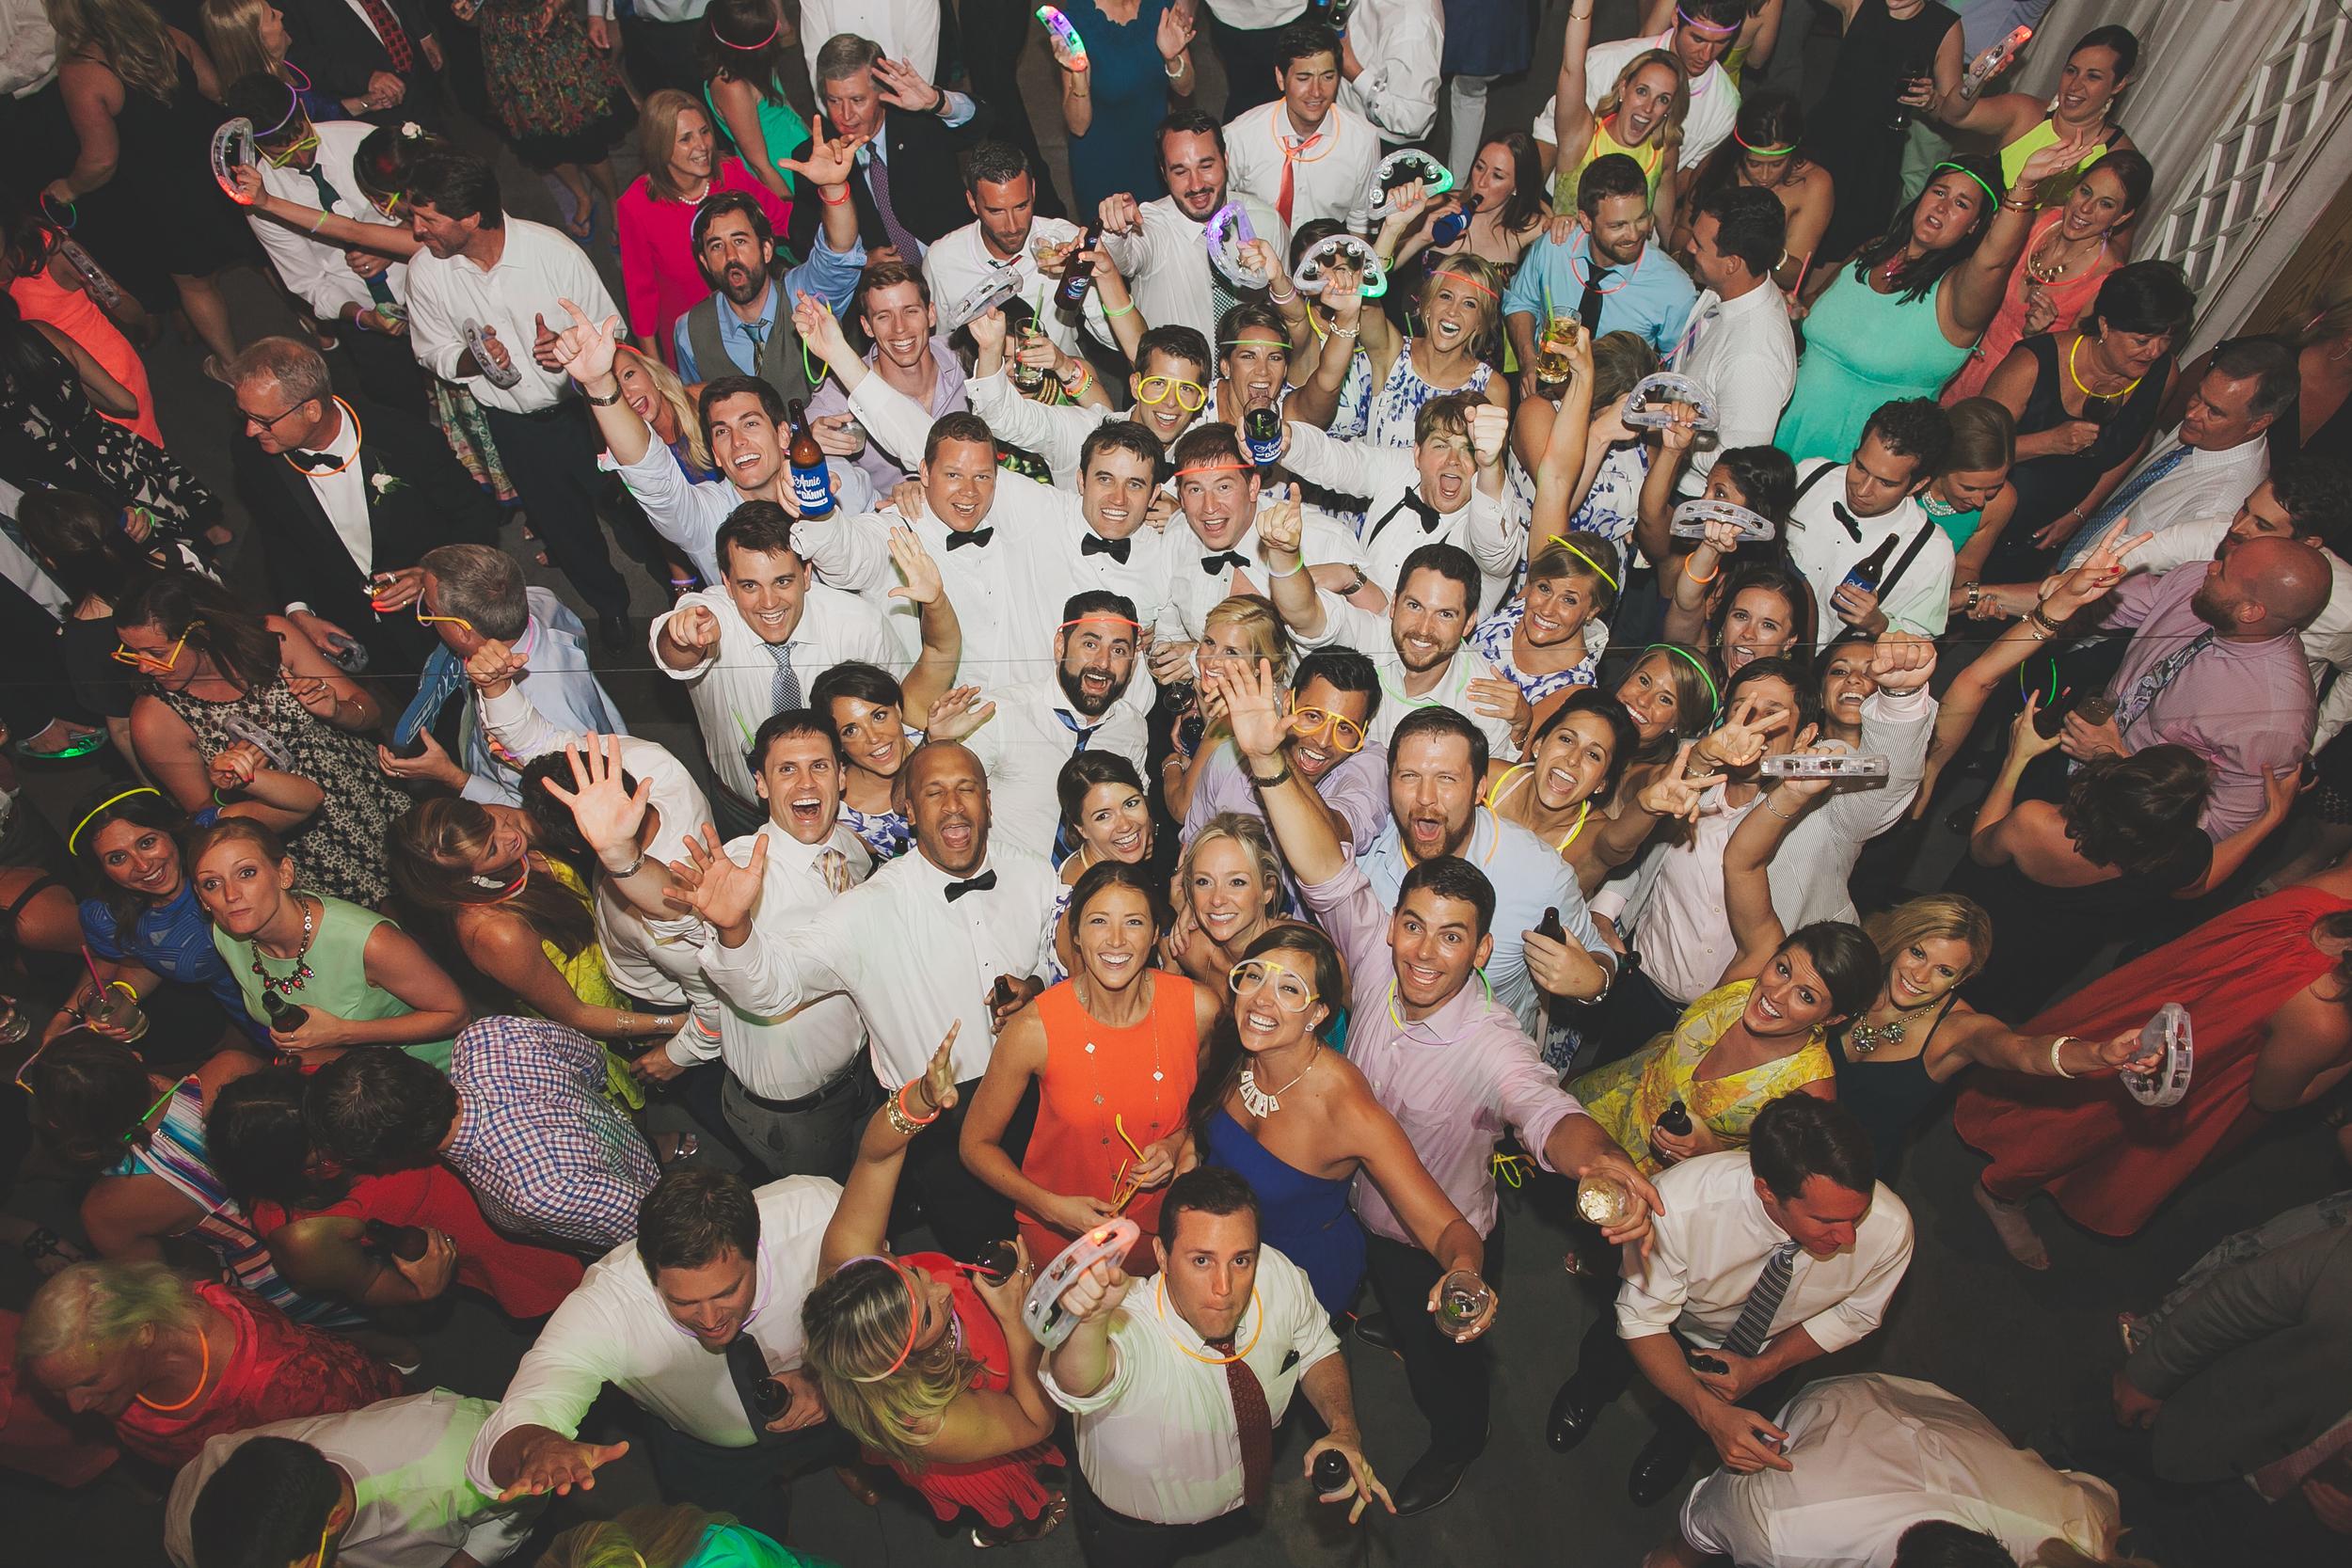 Martucci Wedding-0828.jpg